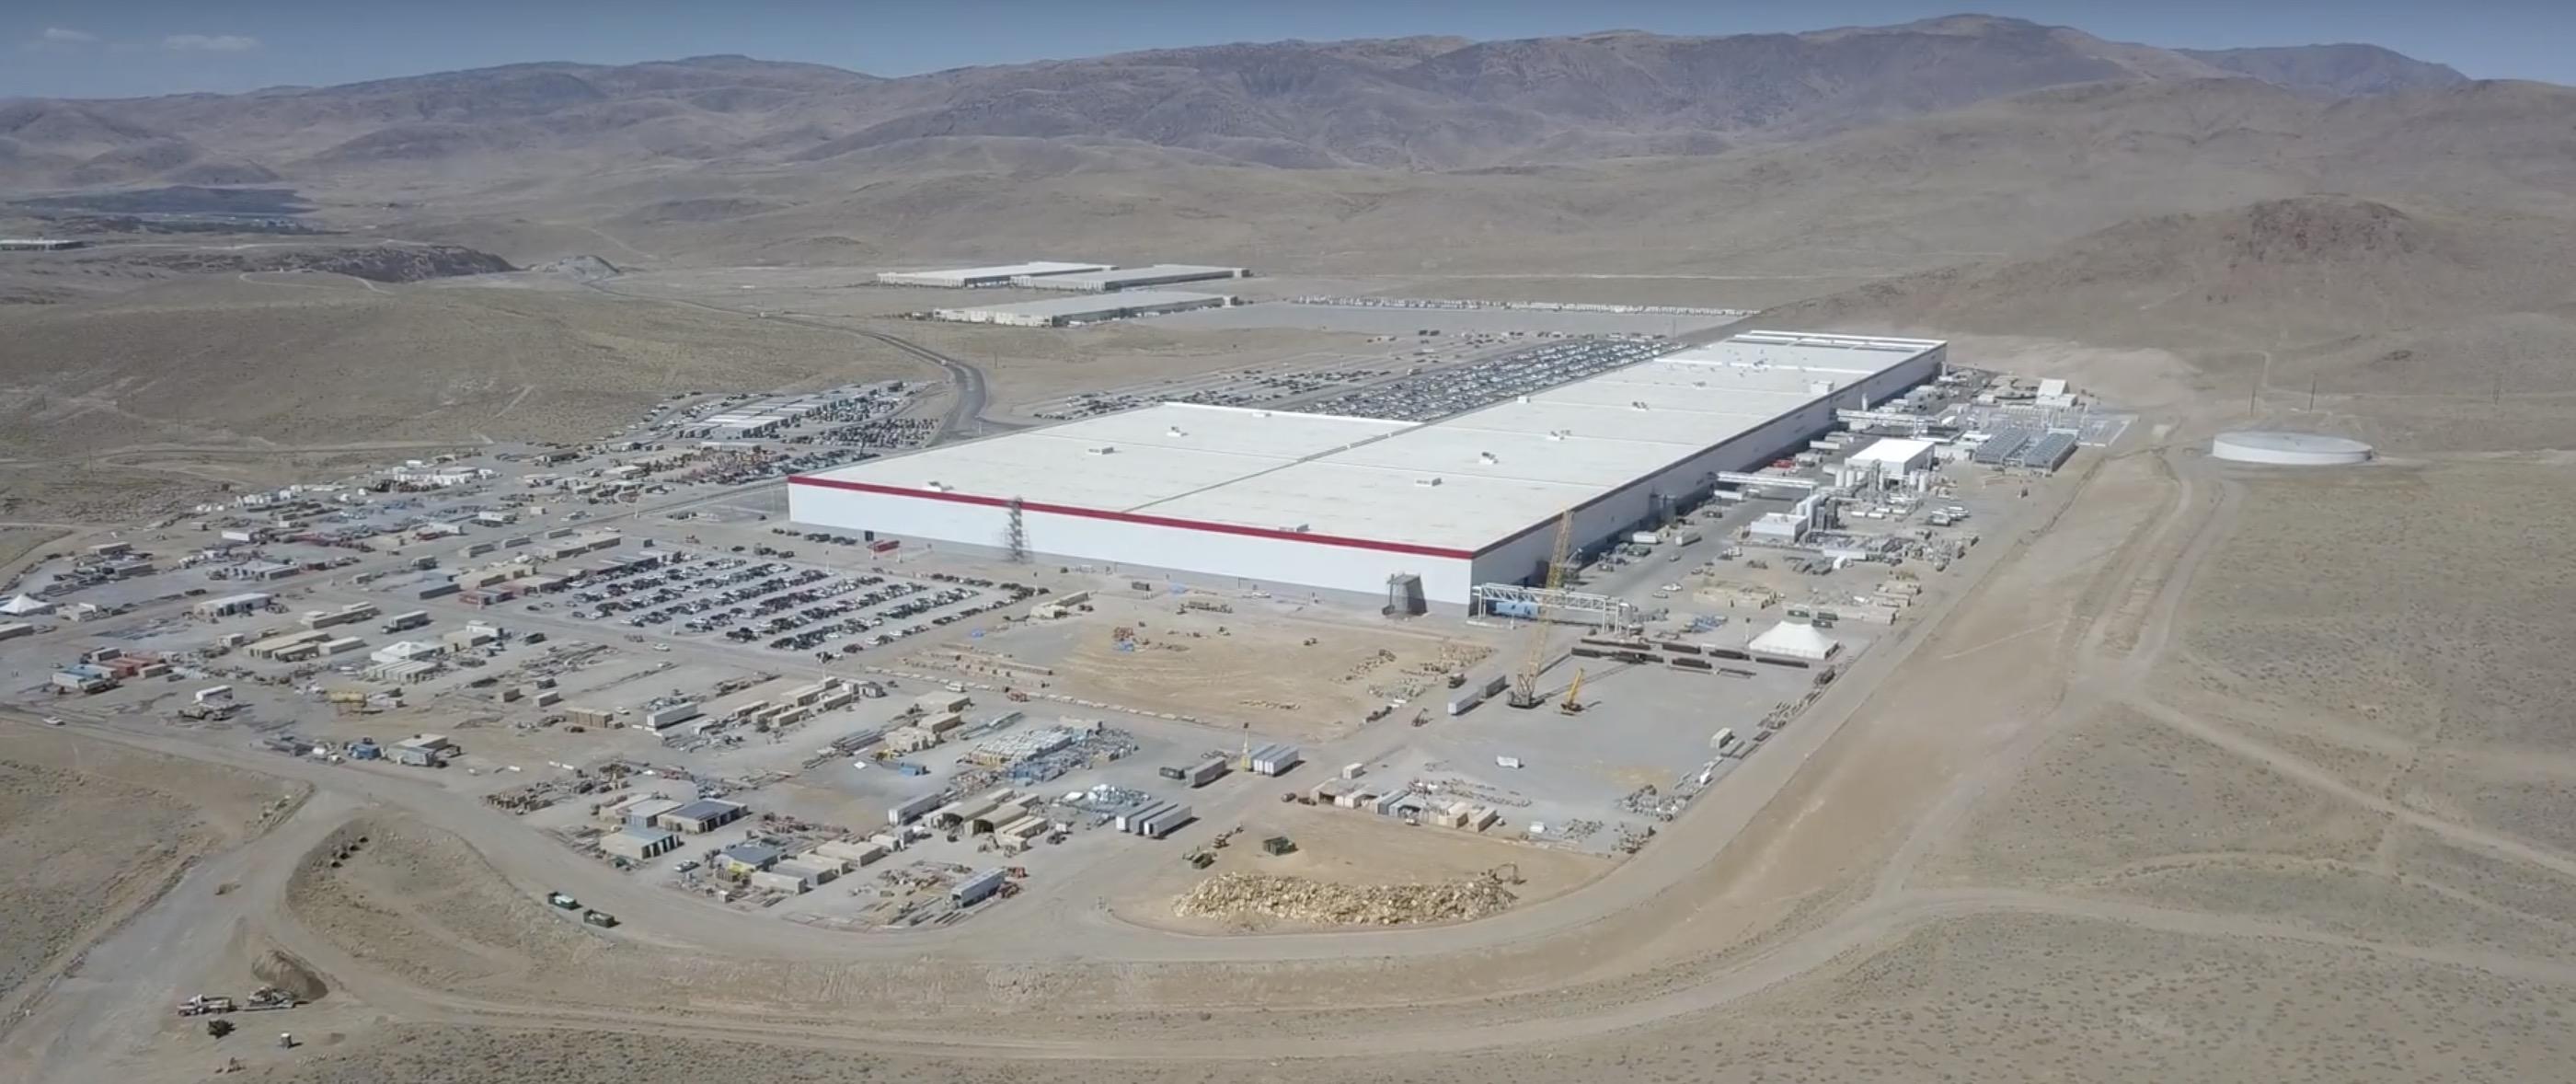 Tesla-Panasonic relationship hits hard times as Tesla moves to make its own batteries - Electrek